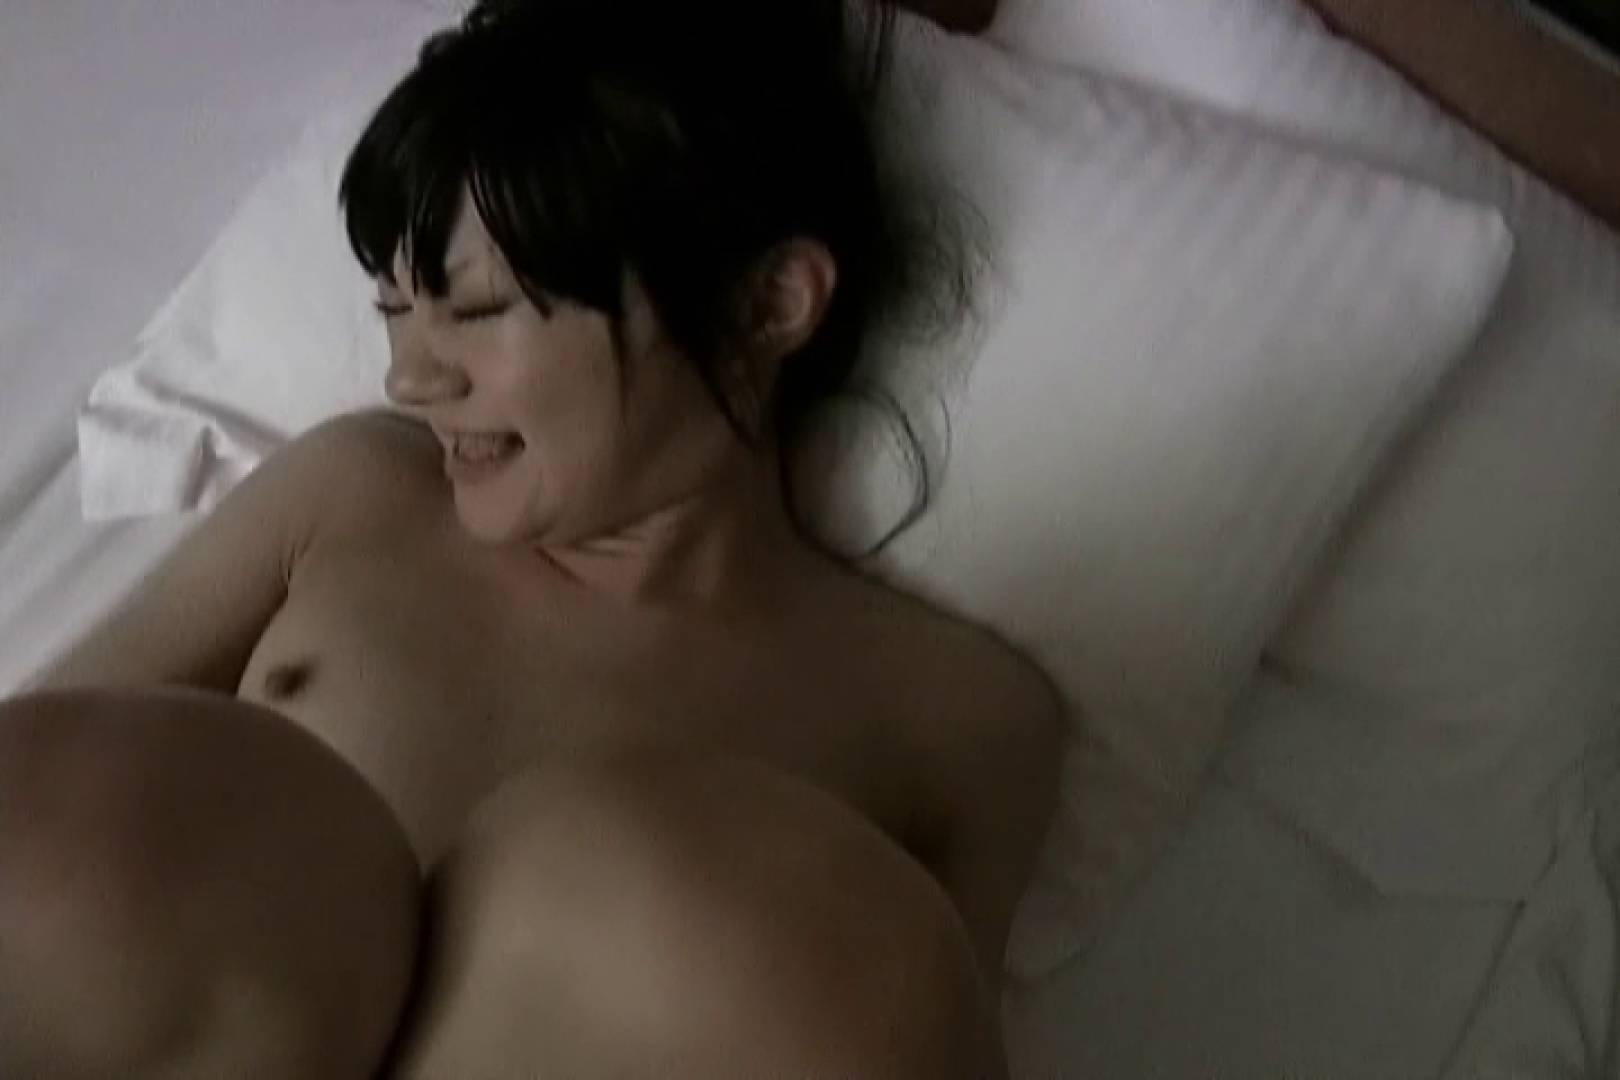 ハイビジョンパンチラ オッテQさんの追跡パンチラ制服女子編Vol.02 制服の下は・・・  110枚 42